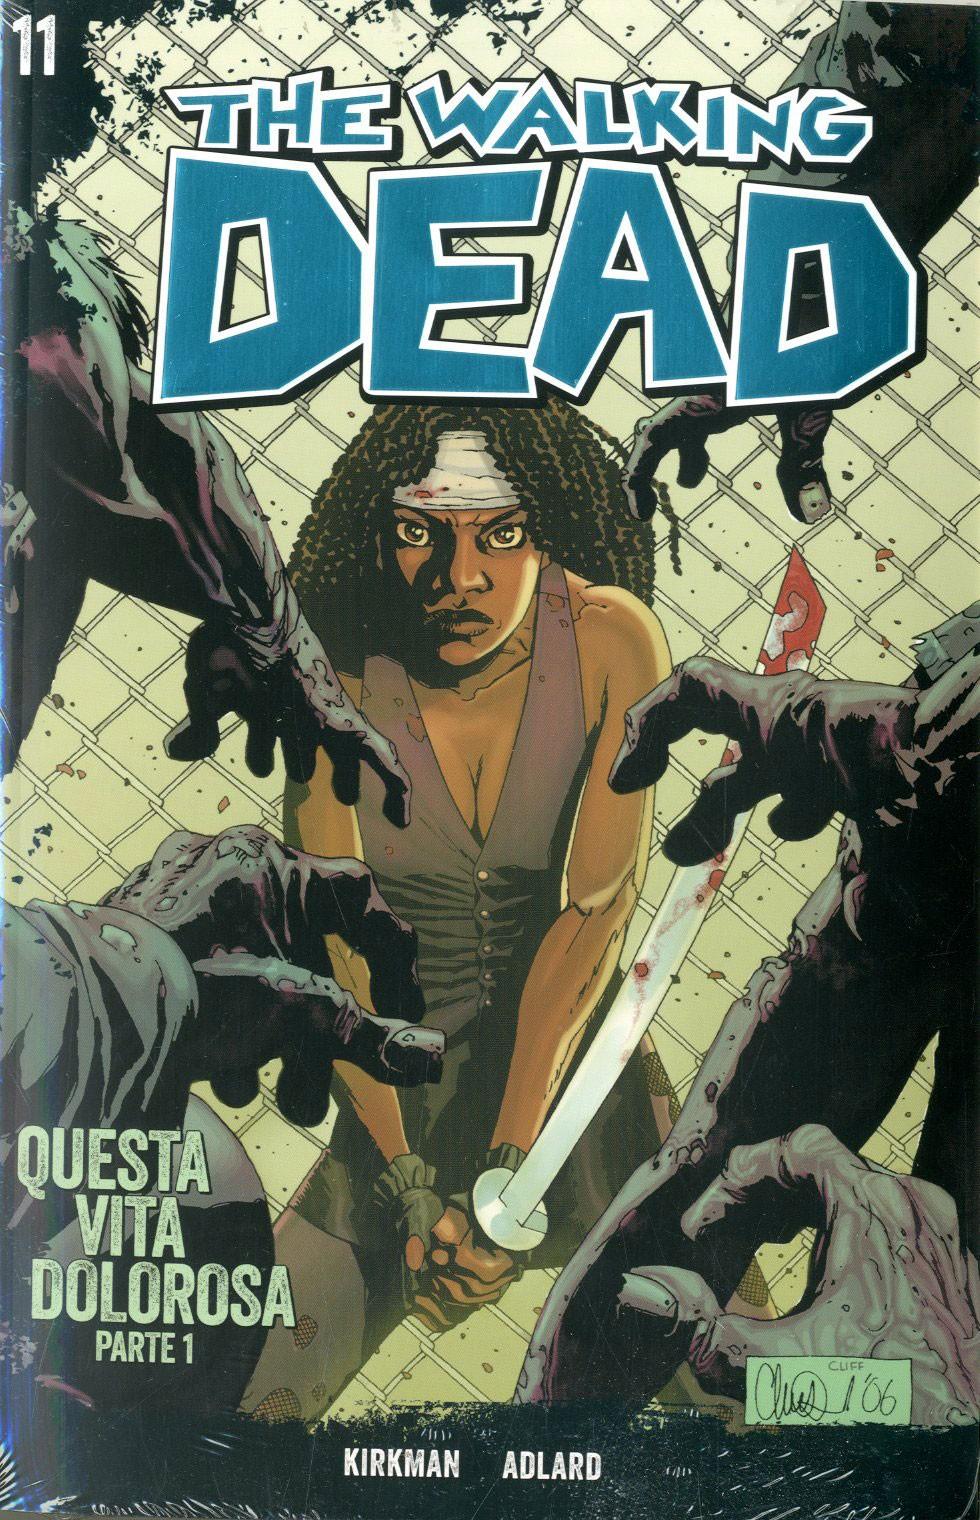 Walking Dead Gazzetta Sport - N° 11 - Questa Vita Dolorosa 1 + Dvd - Saldapress